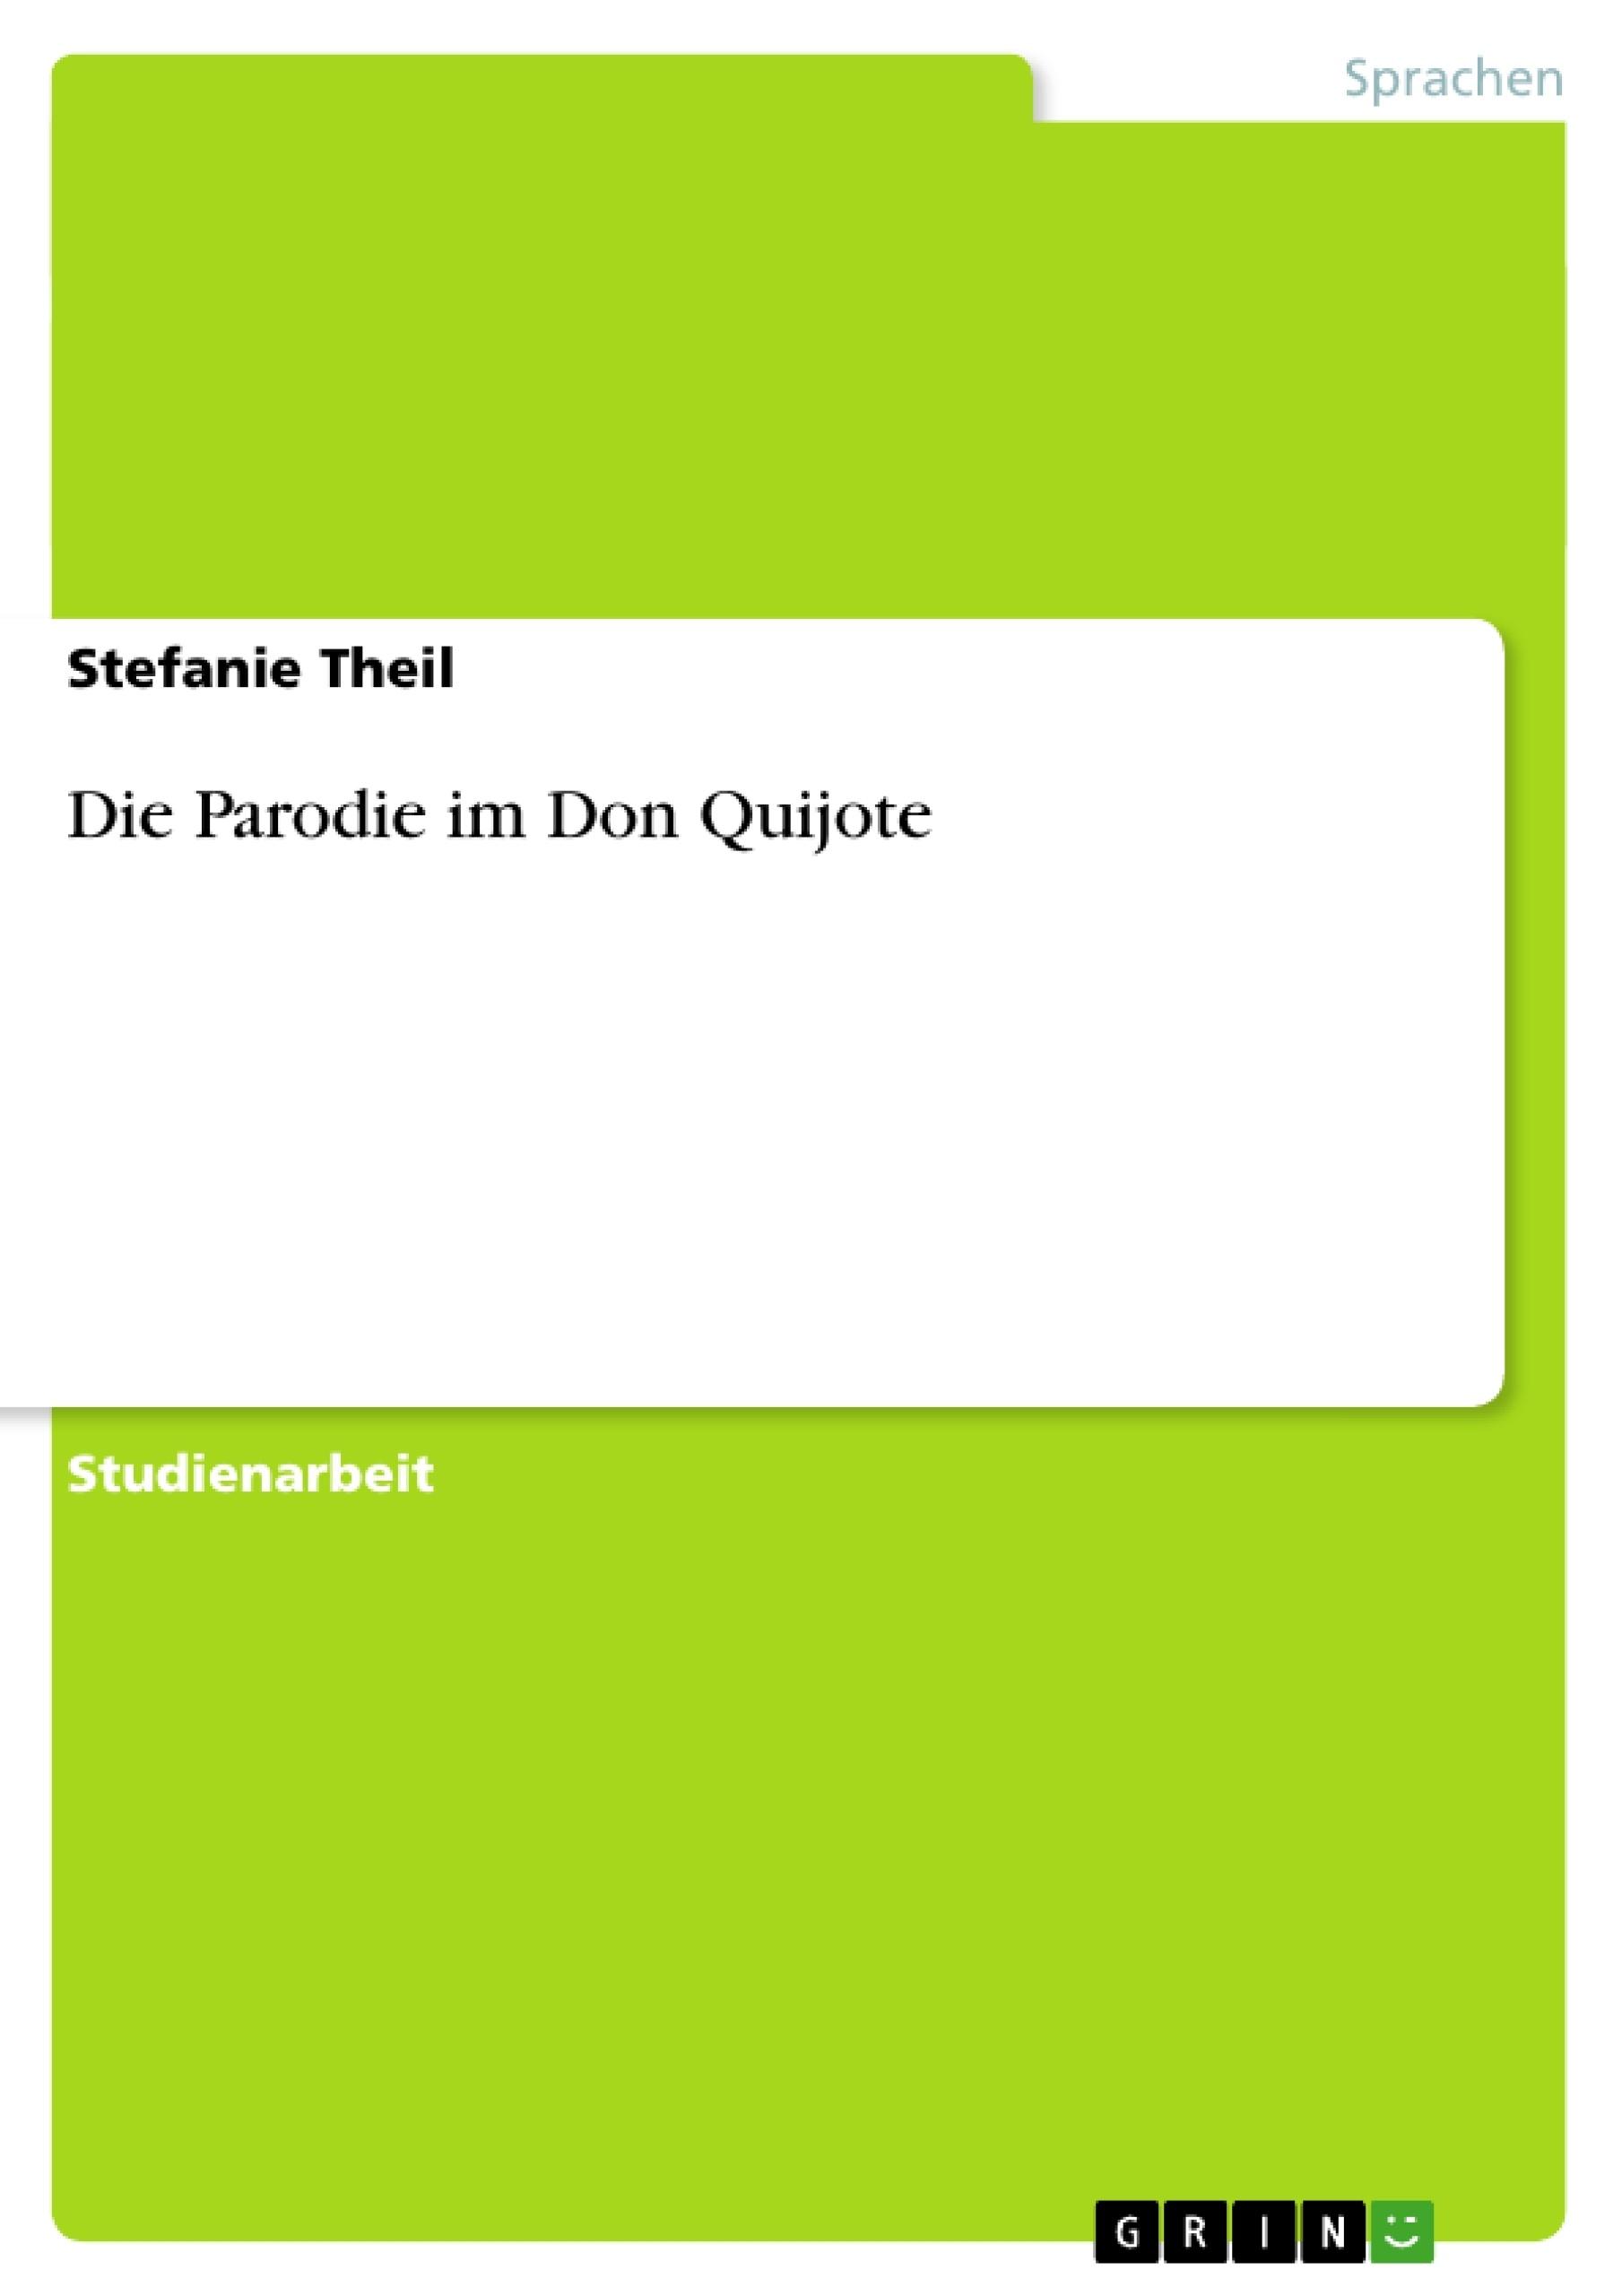 Titel: Die Parodie im Don Quijote